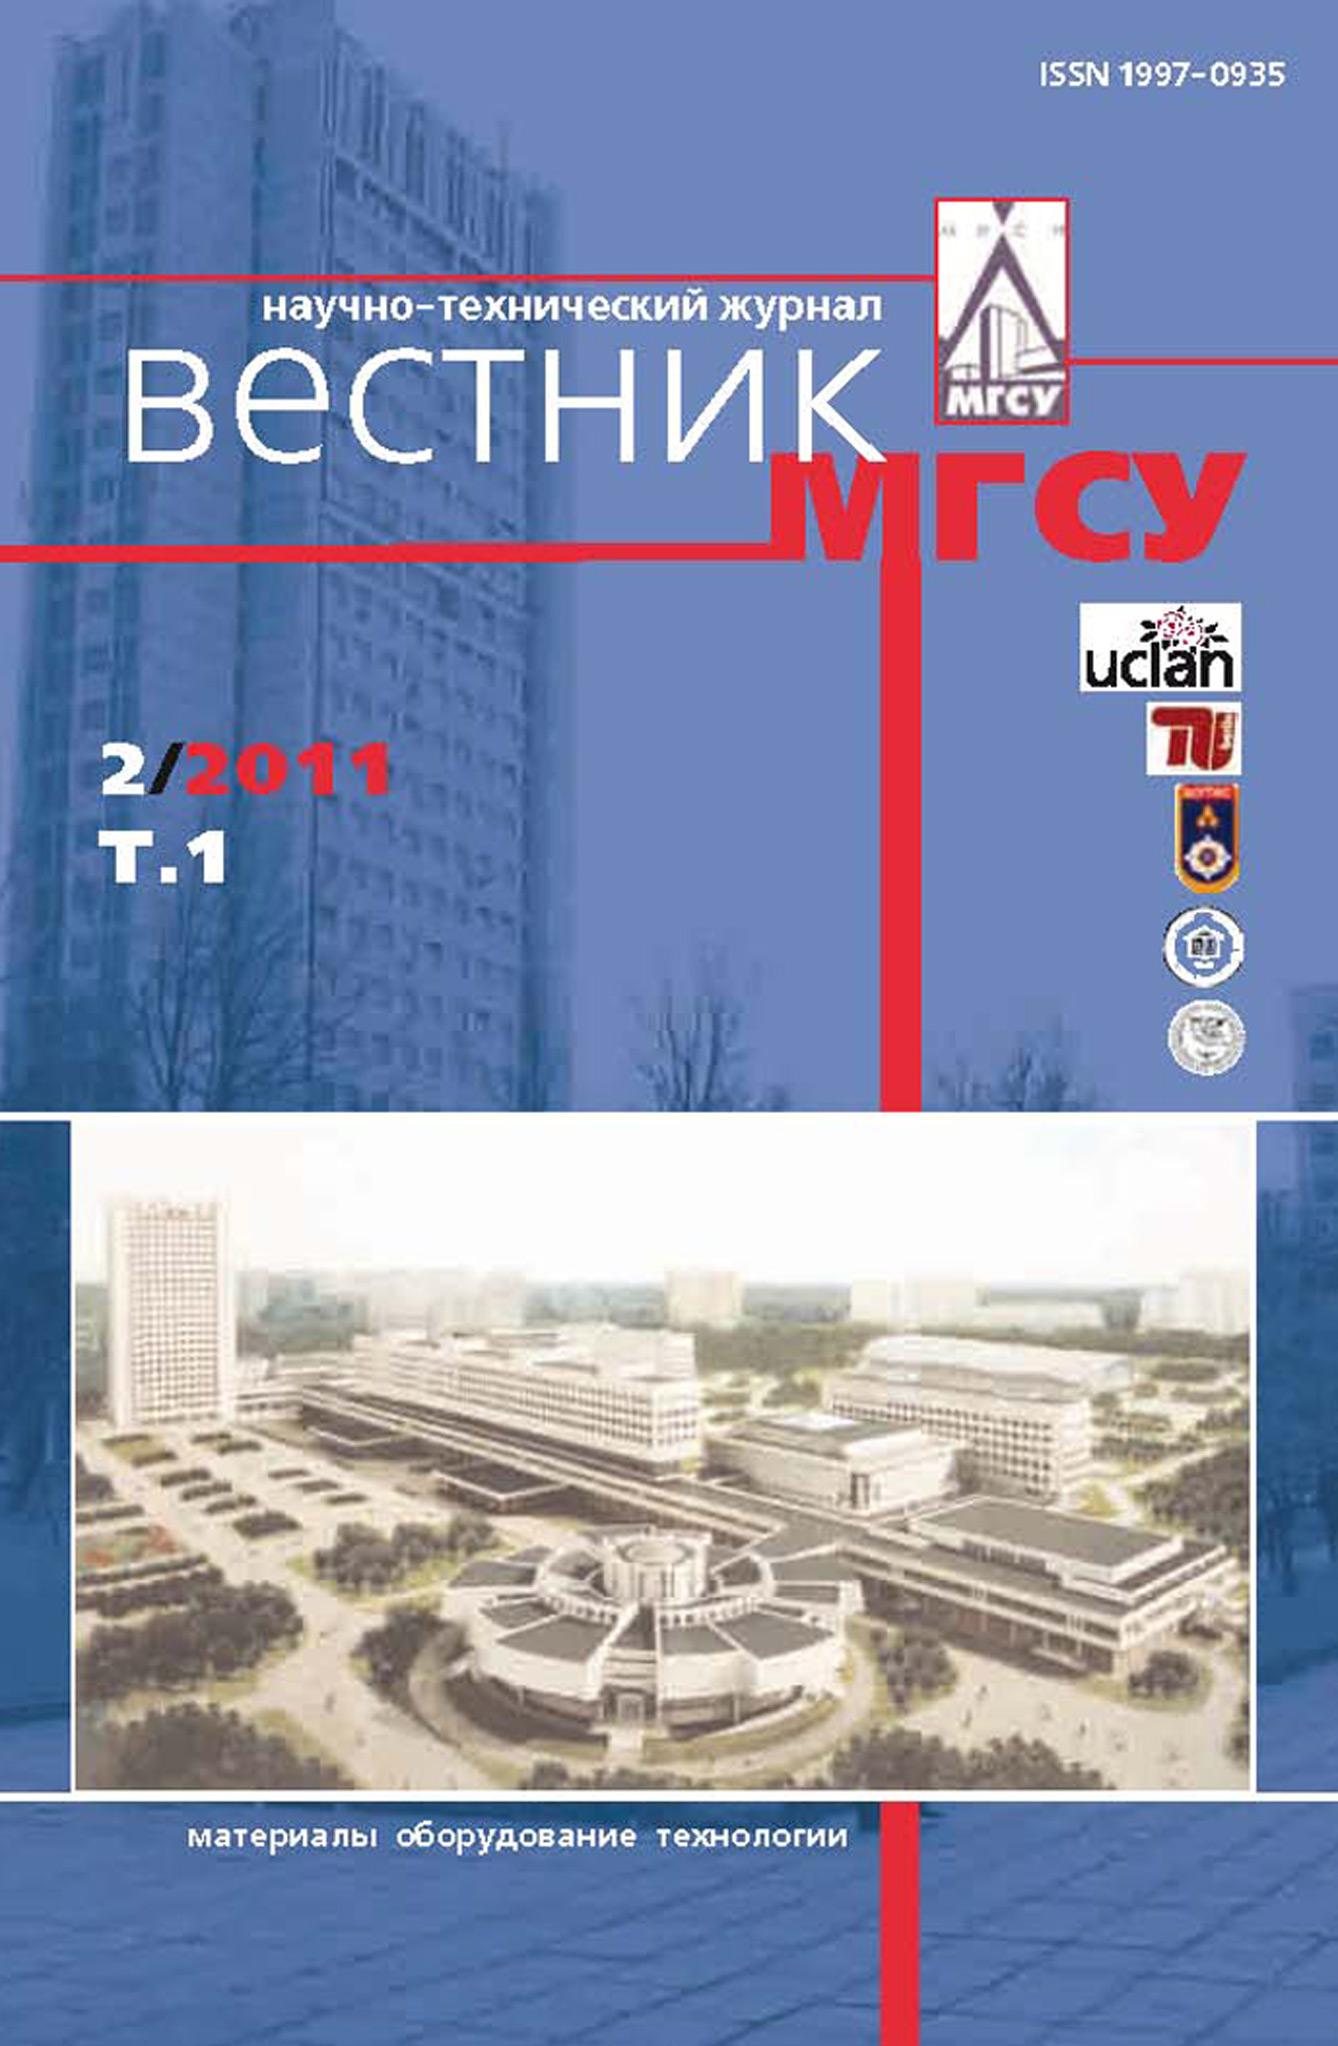 Вестник МГСУ №2 2011. Том 1